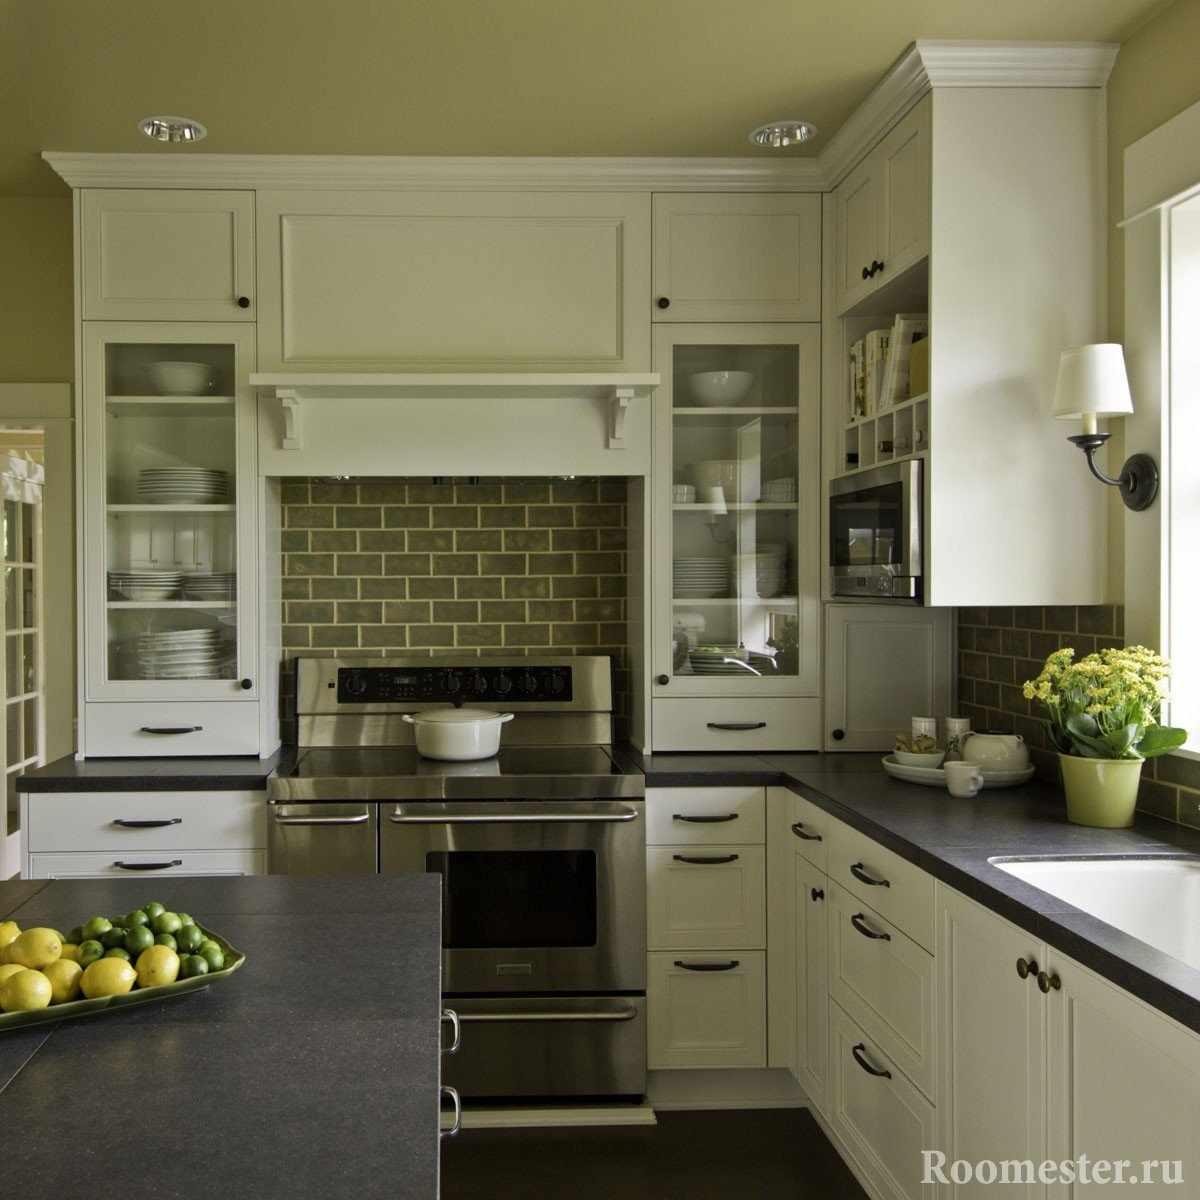 Кухня с потолком в оливковом цвете